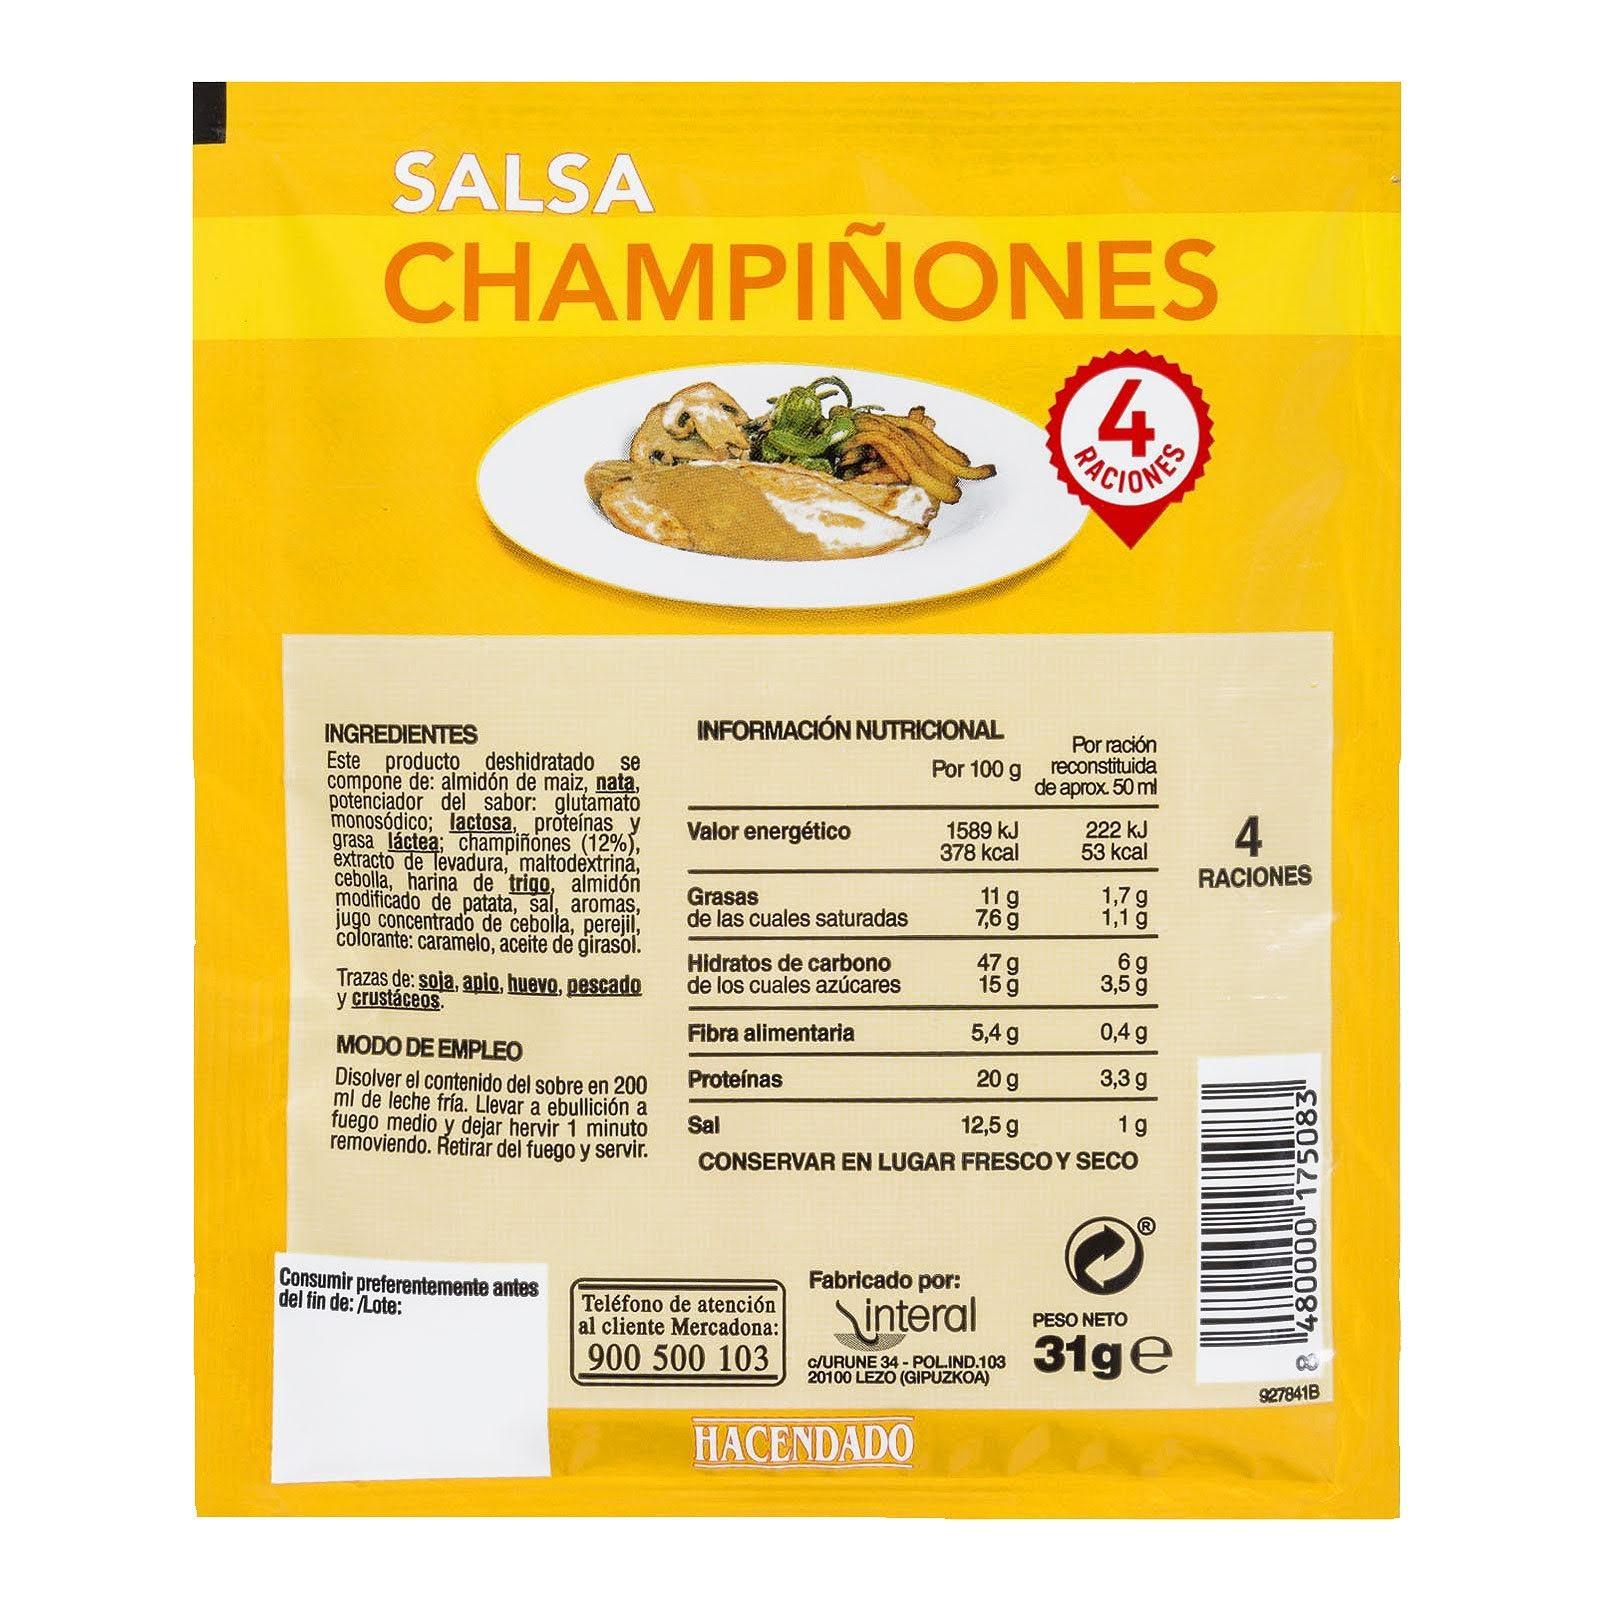 Salsa deshidratada champiñones Hacendado